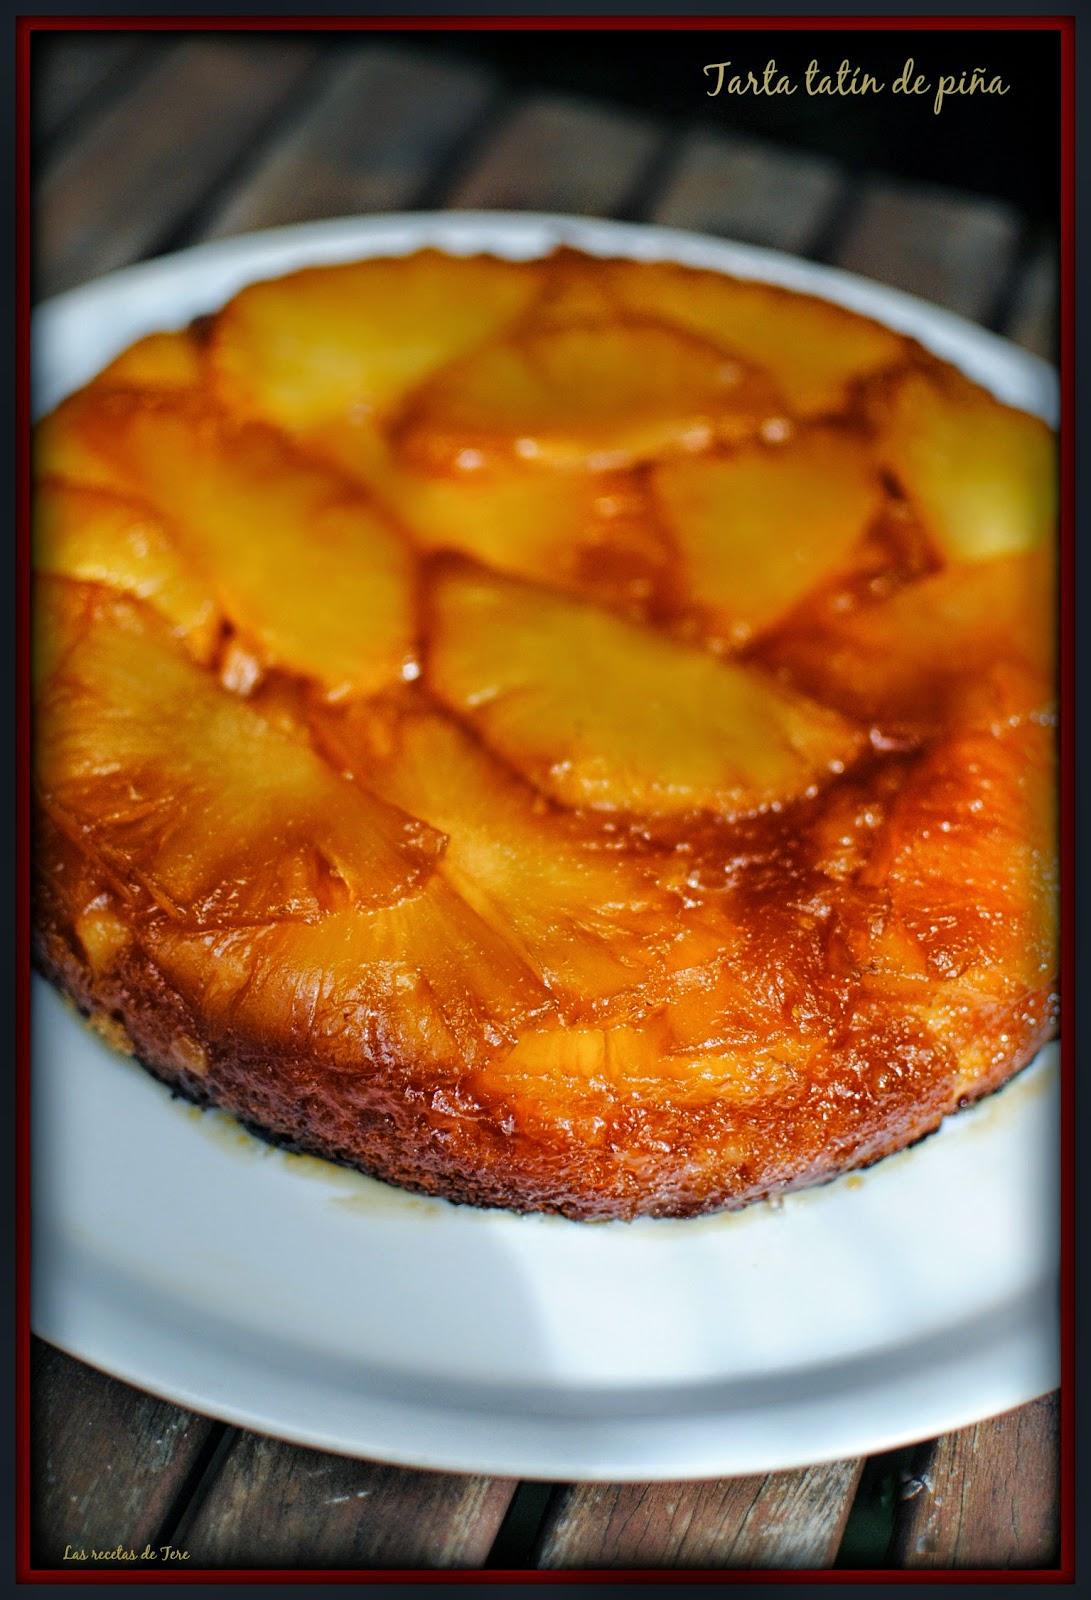 tarta tatín de piña tererecetas 02